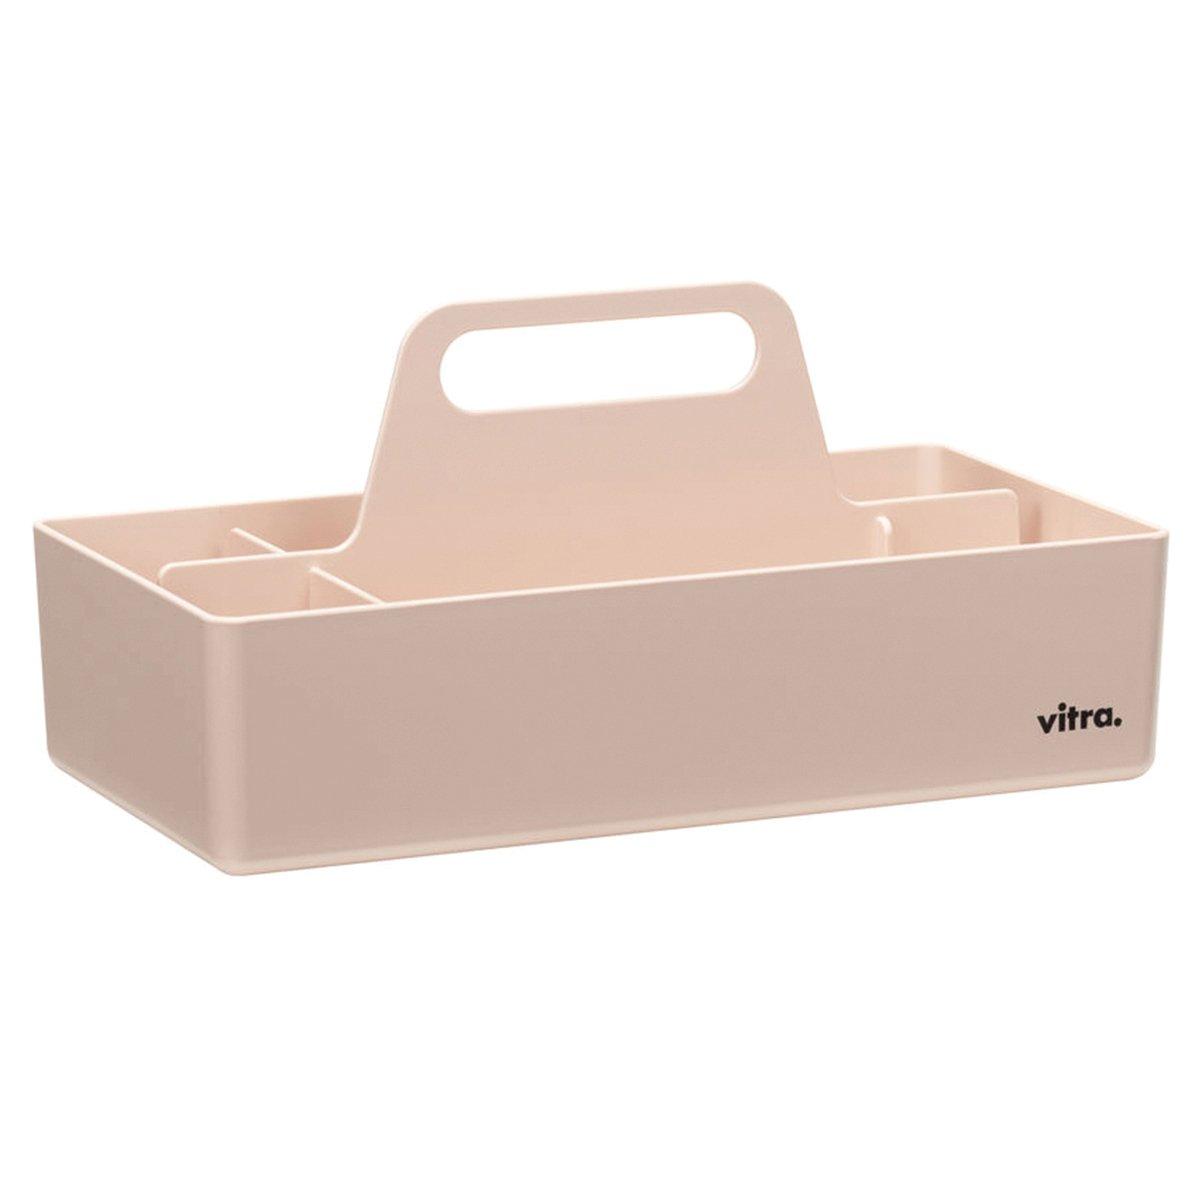 Vitra Storage Toolbox Opbergbak - Zachtroze